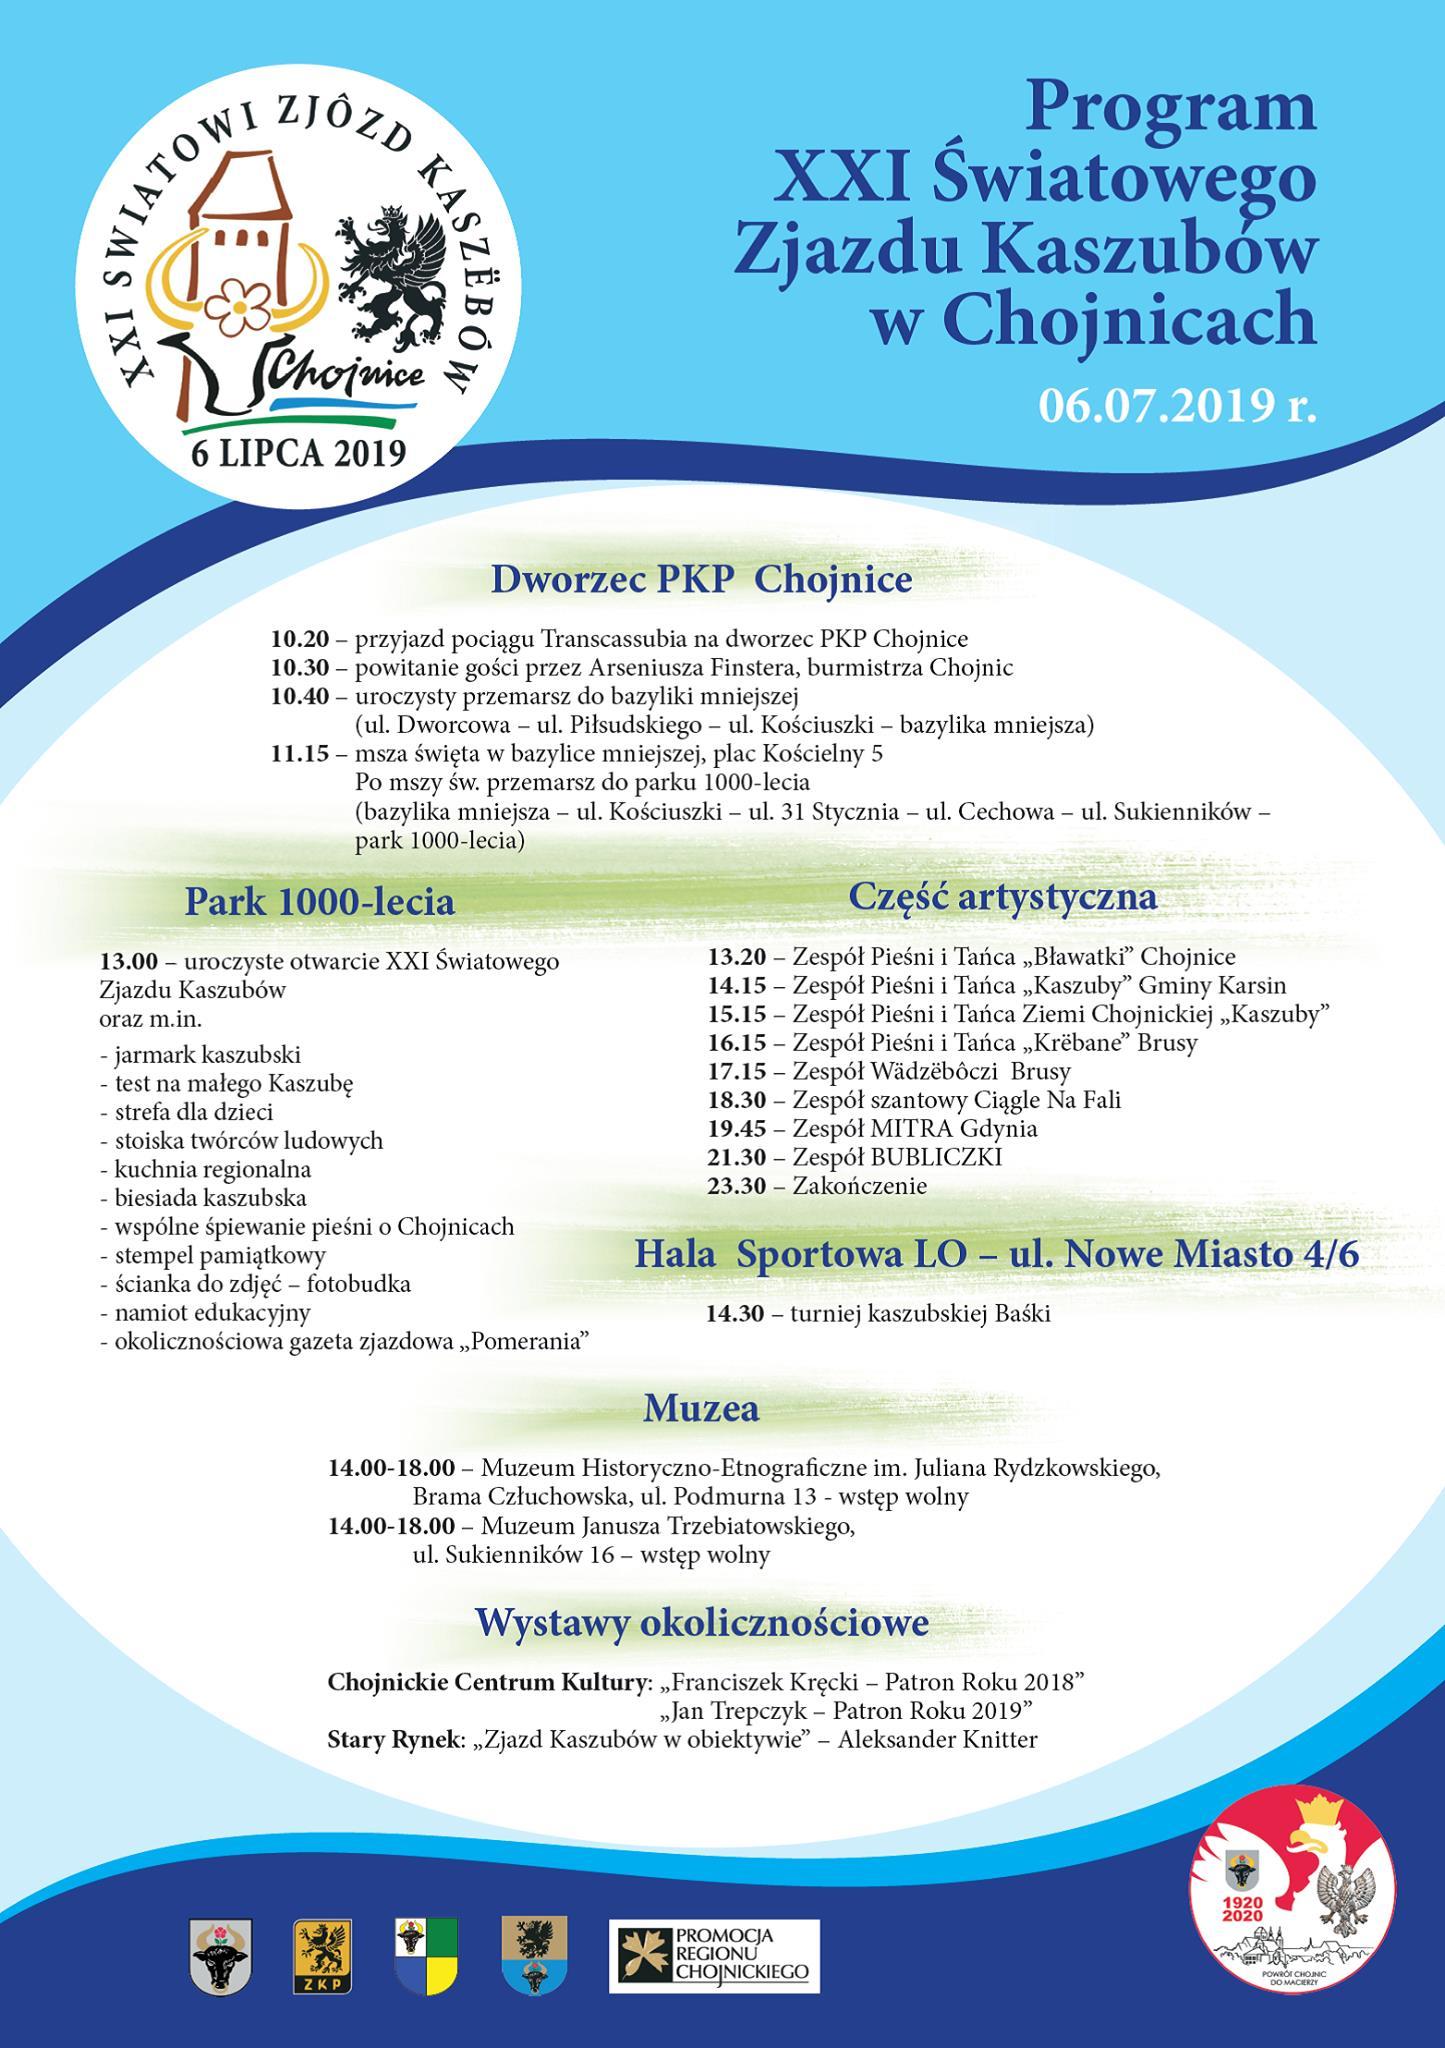 XXI Świat Zjazd Kaszubów w Chojnicach